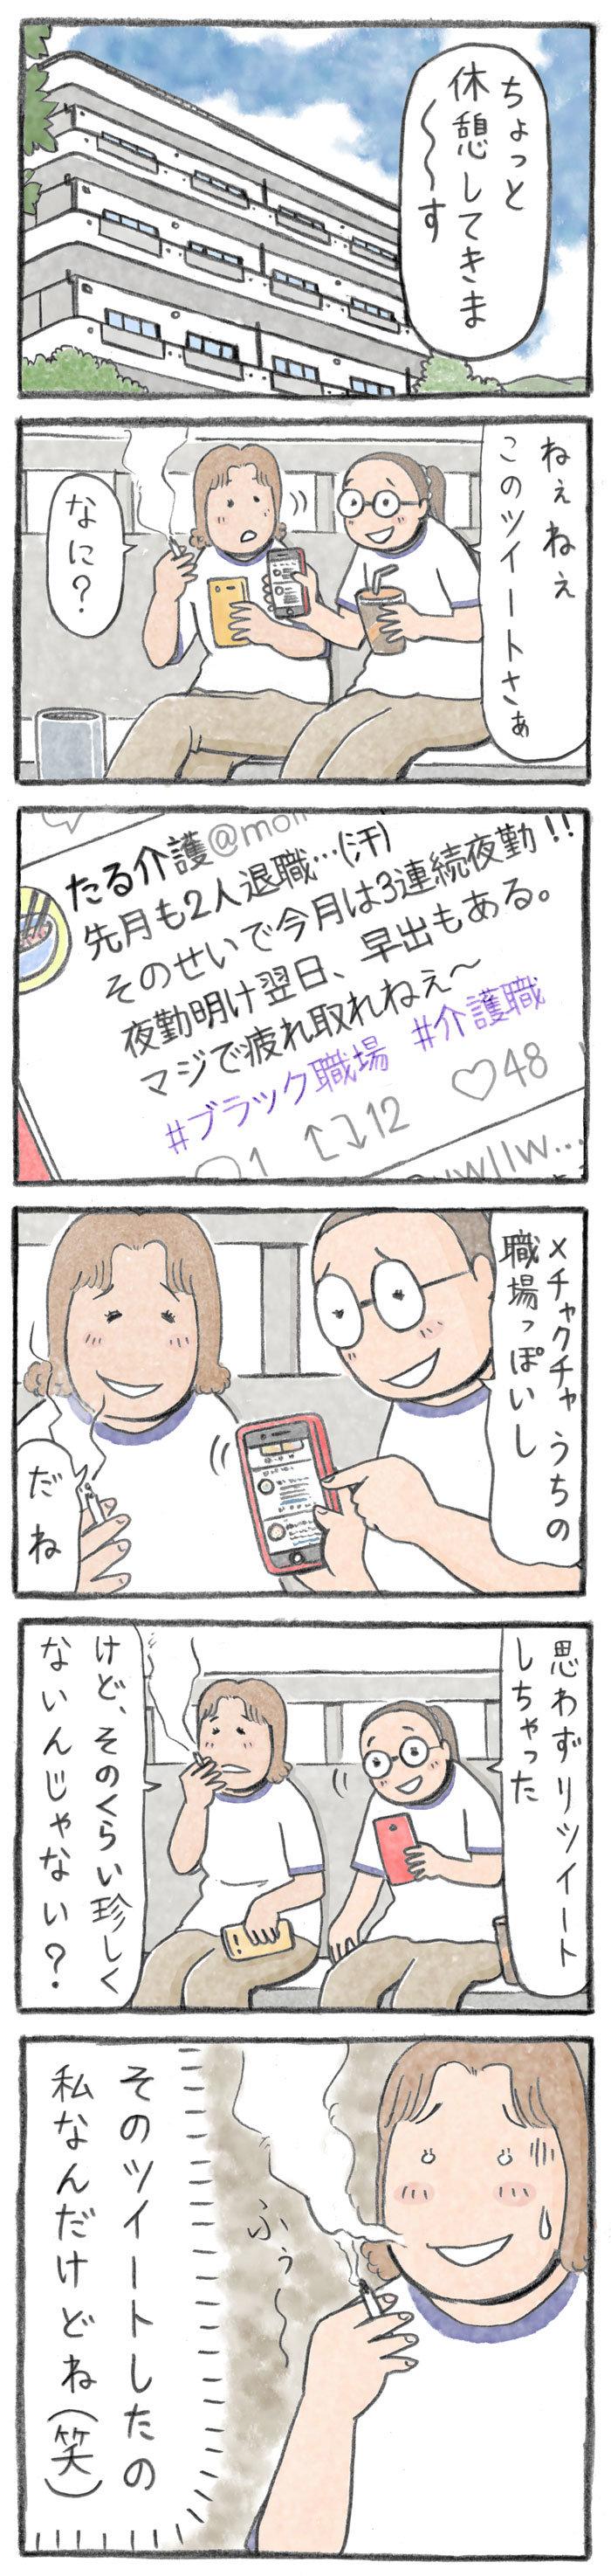 つぶやき.jpg